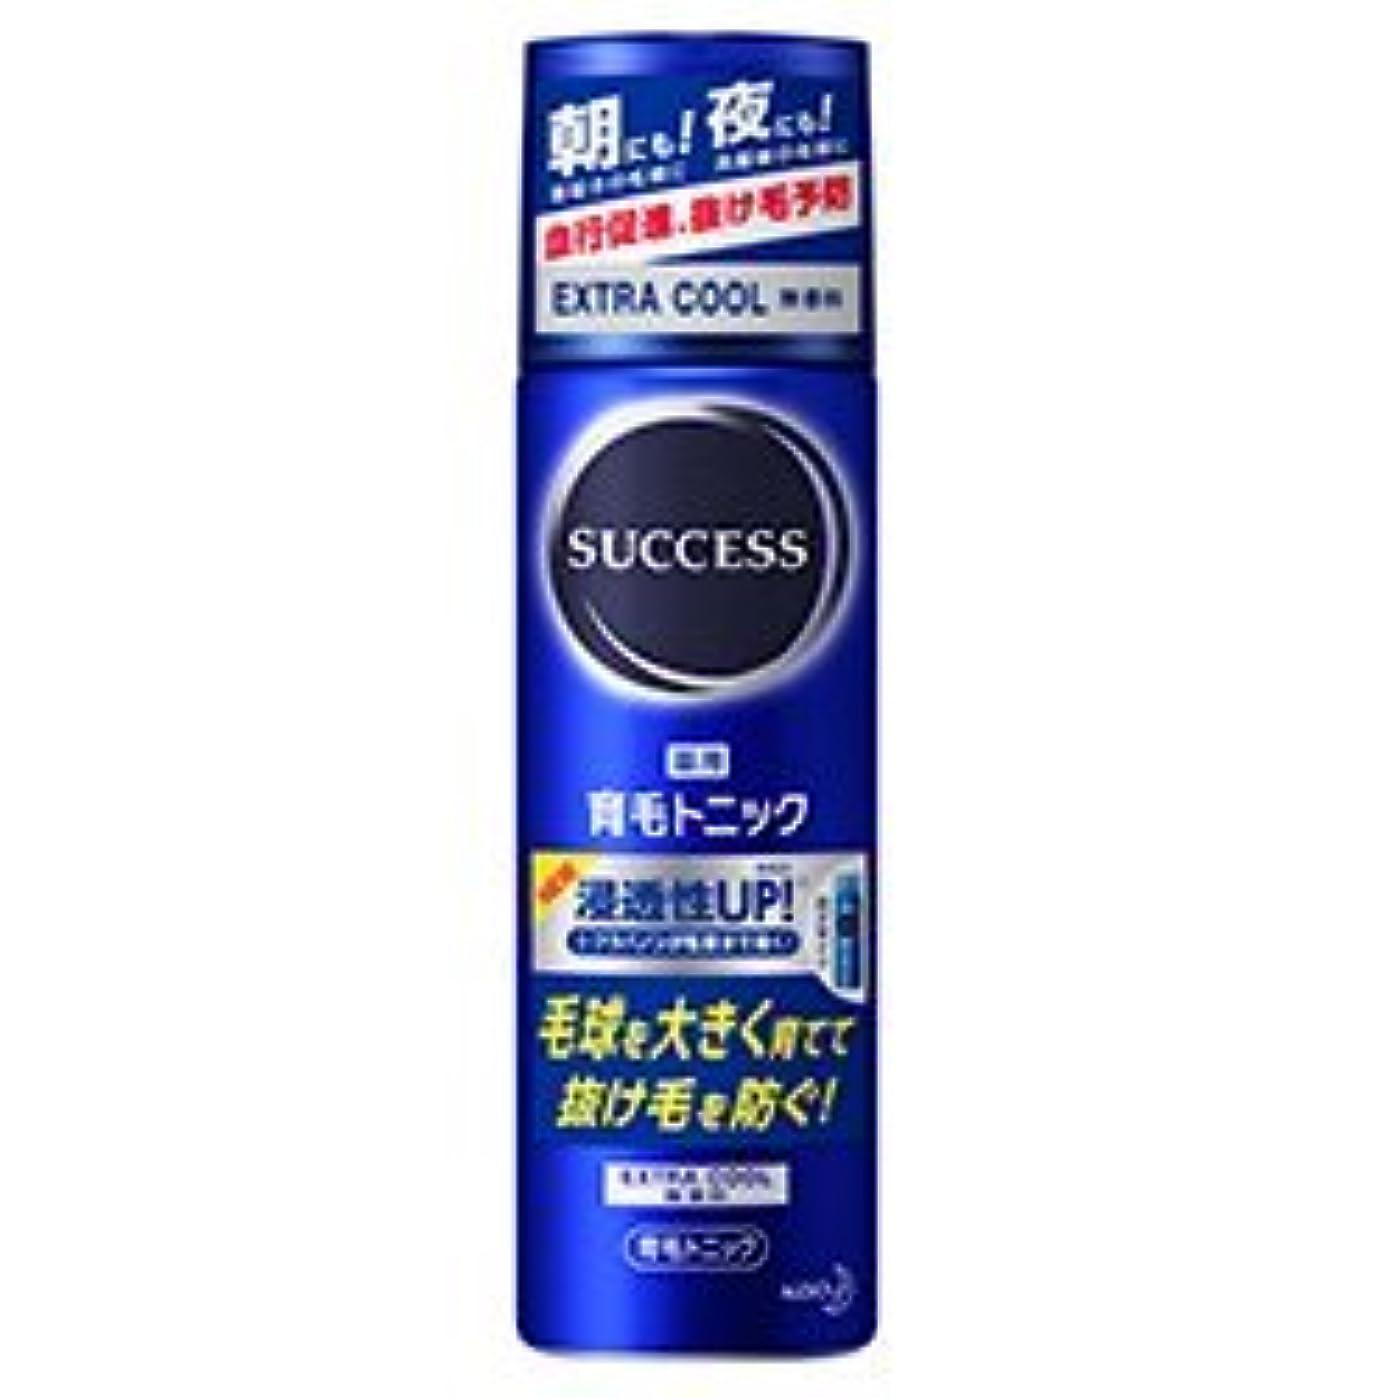 補体アヒル少ない【花王】サクセス 薬用育毛トニック 無香料 180g ×5個セット